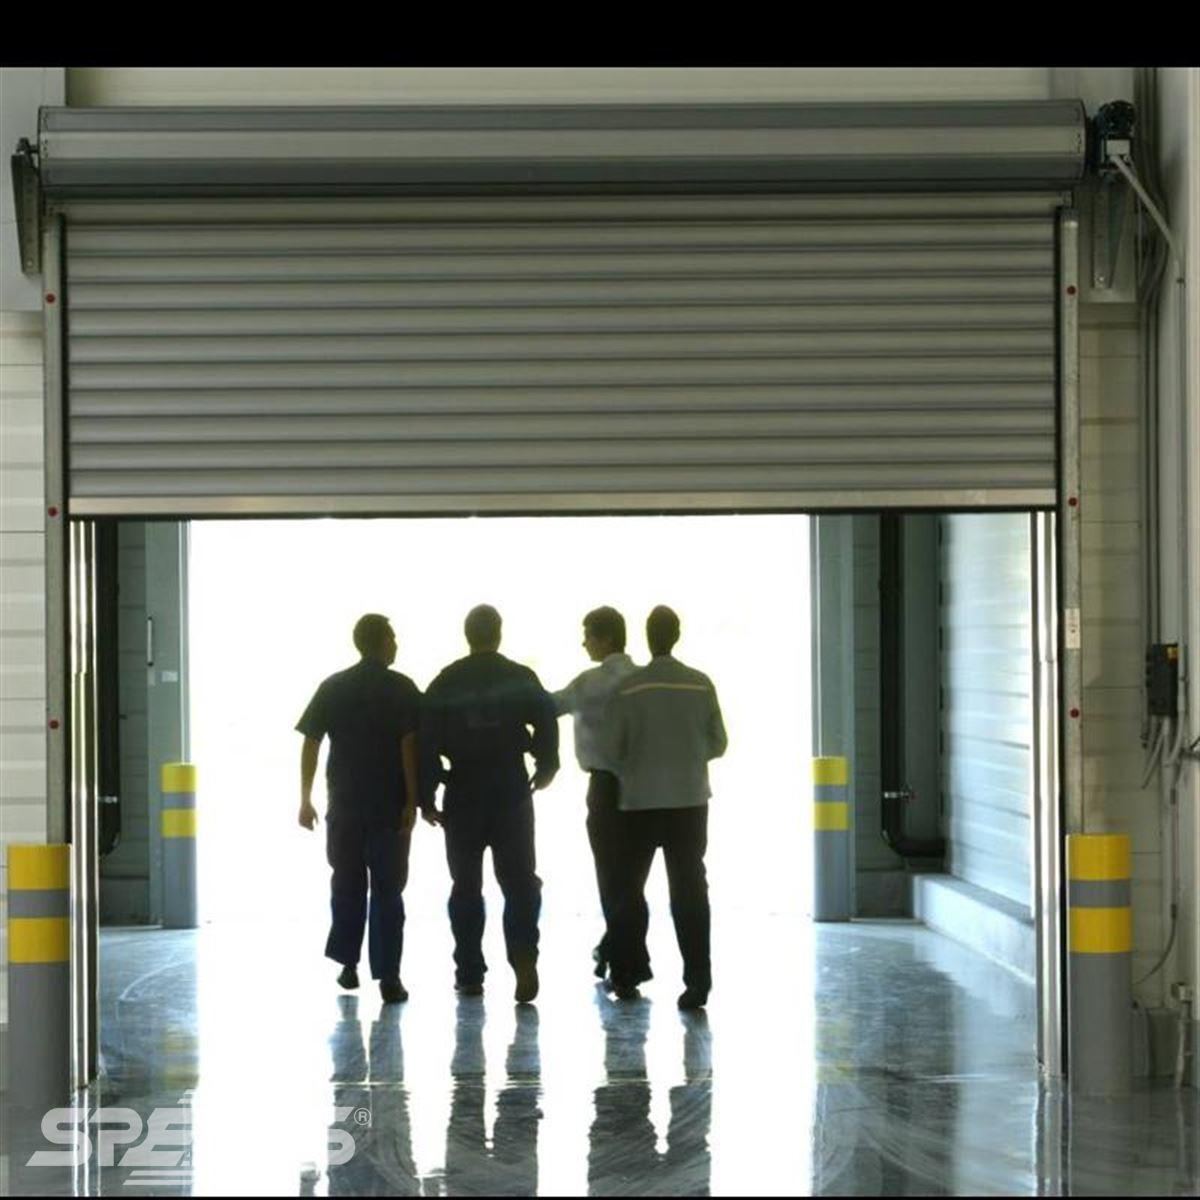 Montáž průmyslových rolovacích vrat Spedos